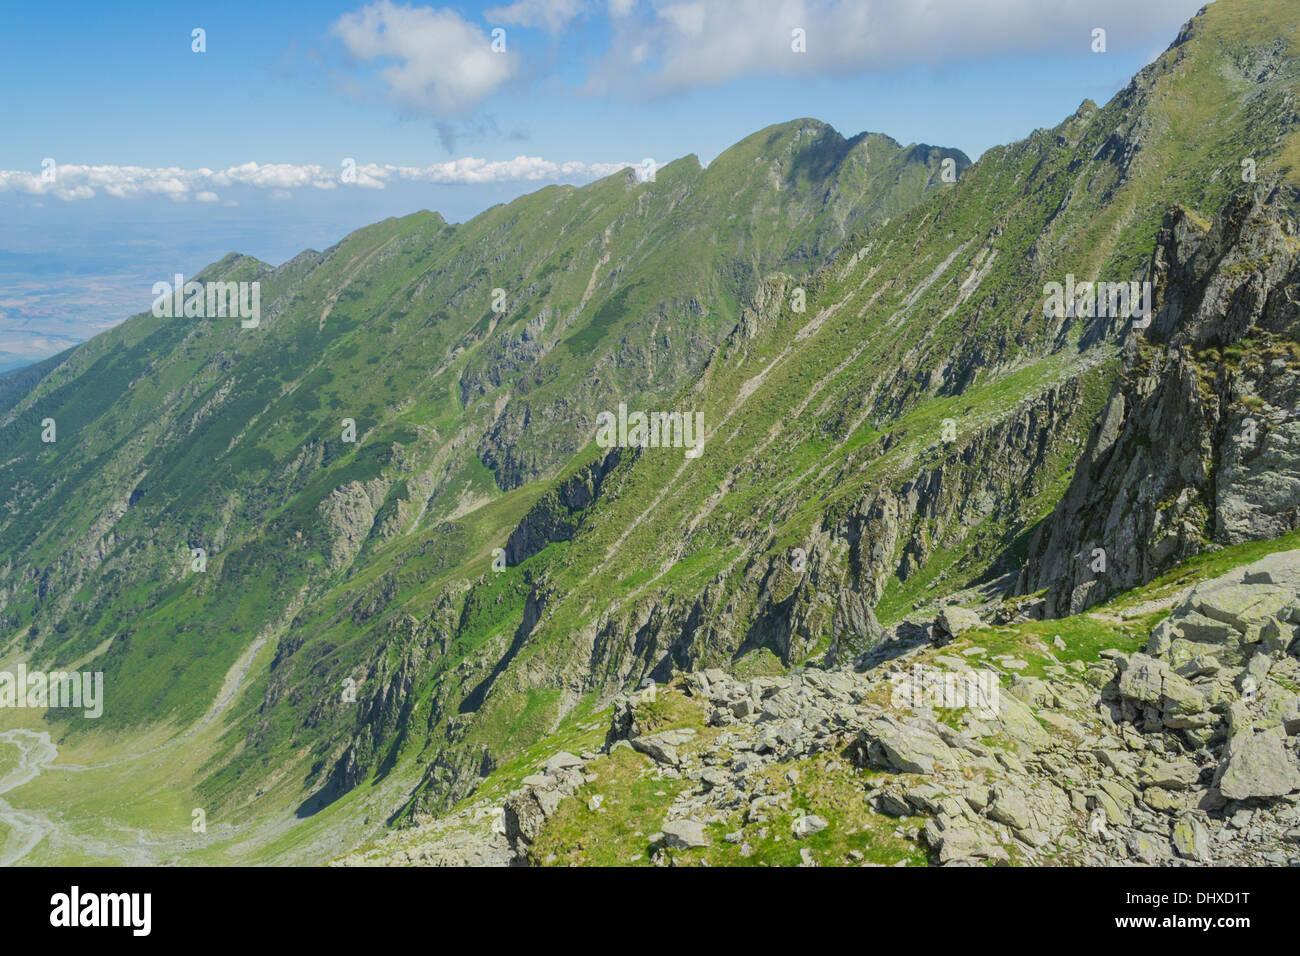 descend-trail-to-vistea-village-in-fagar